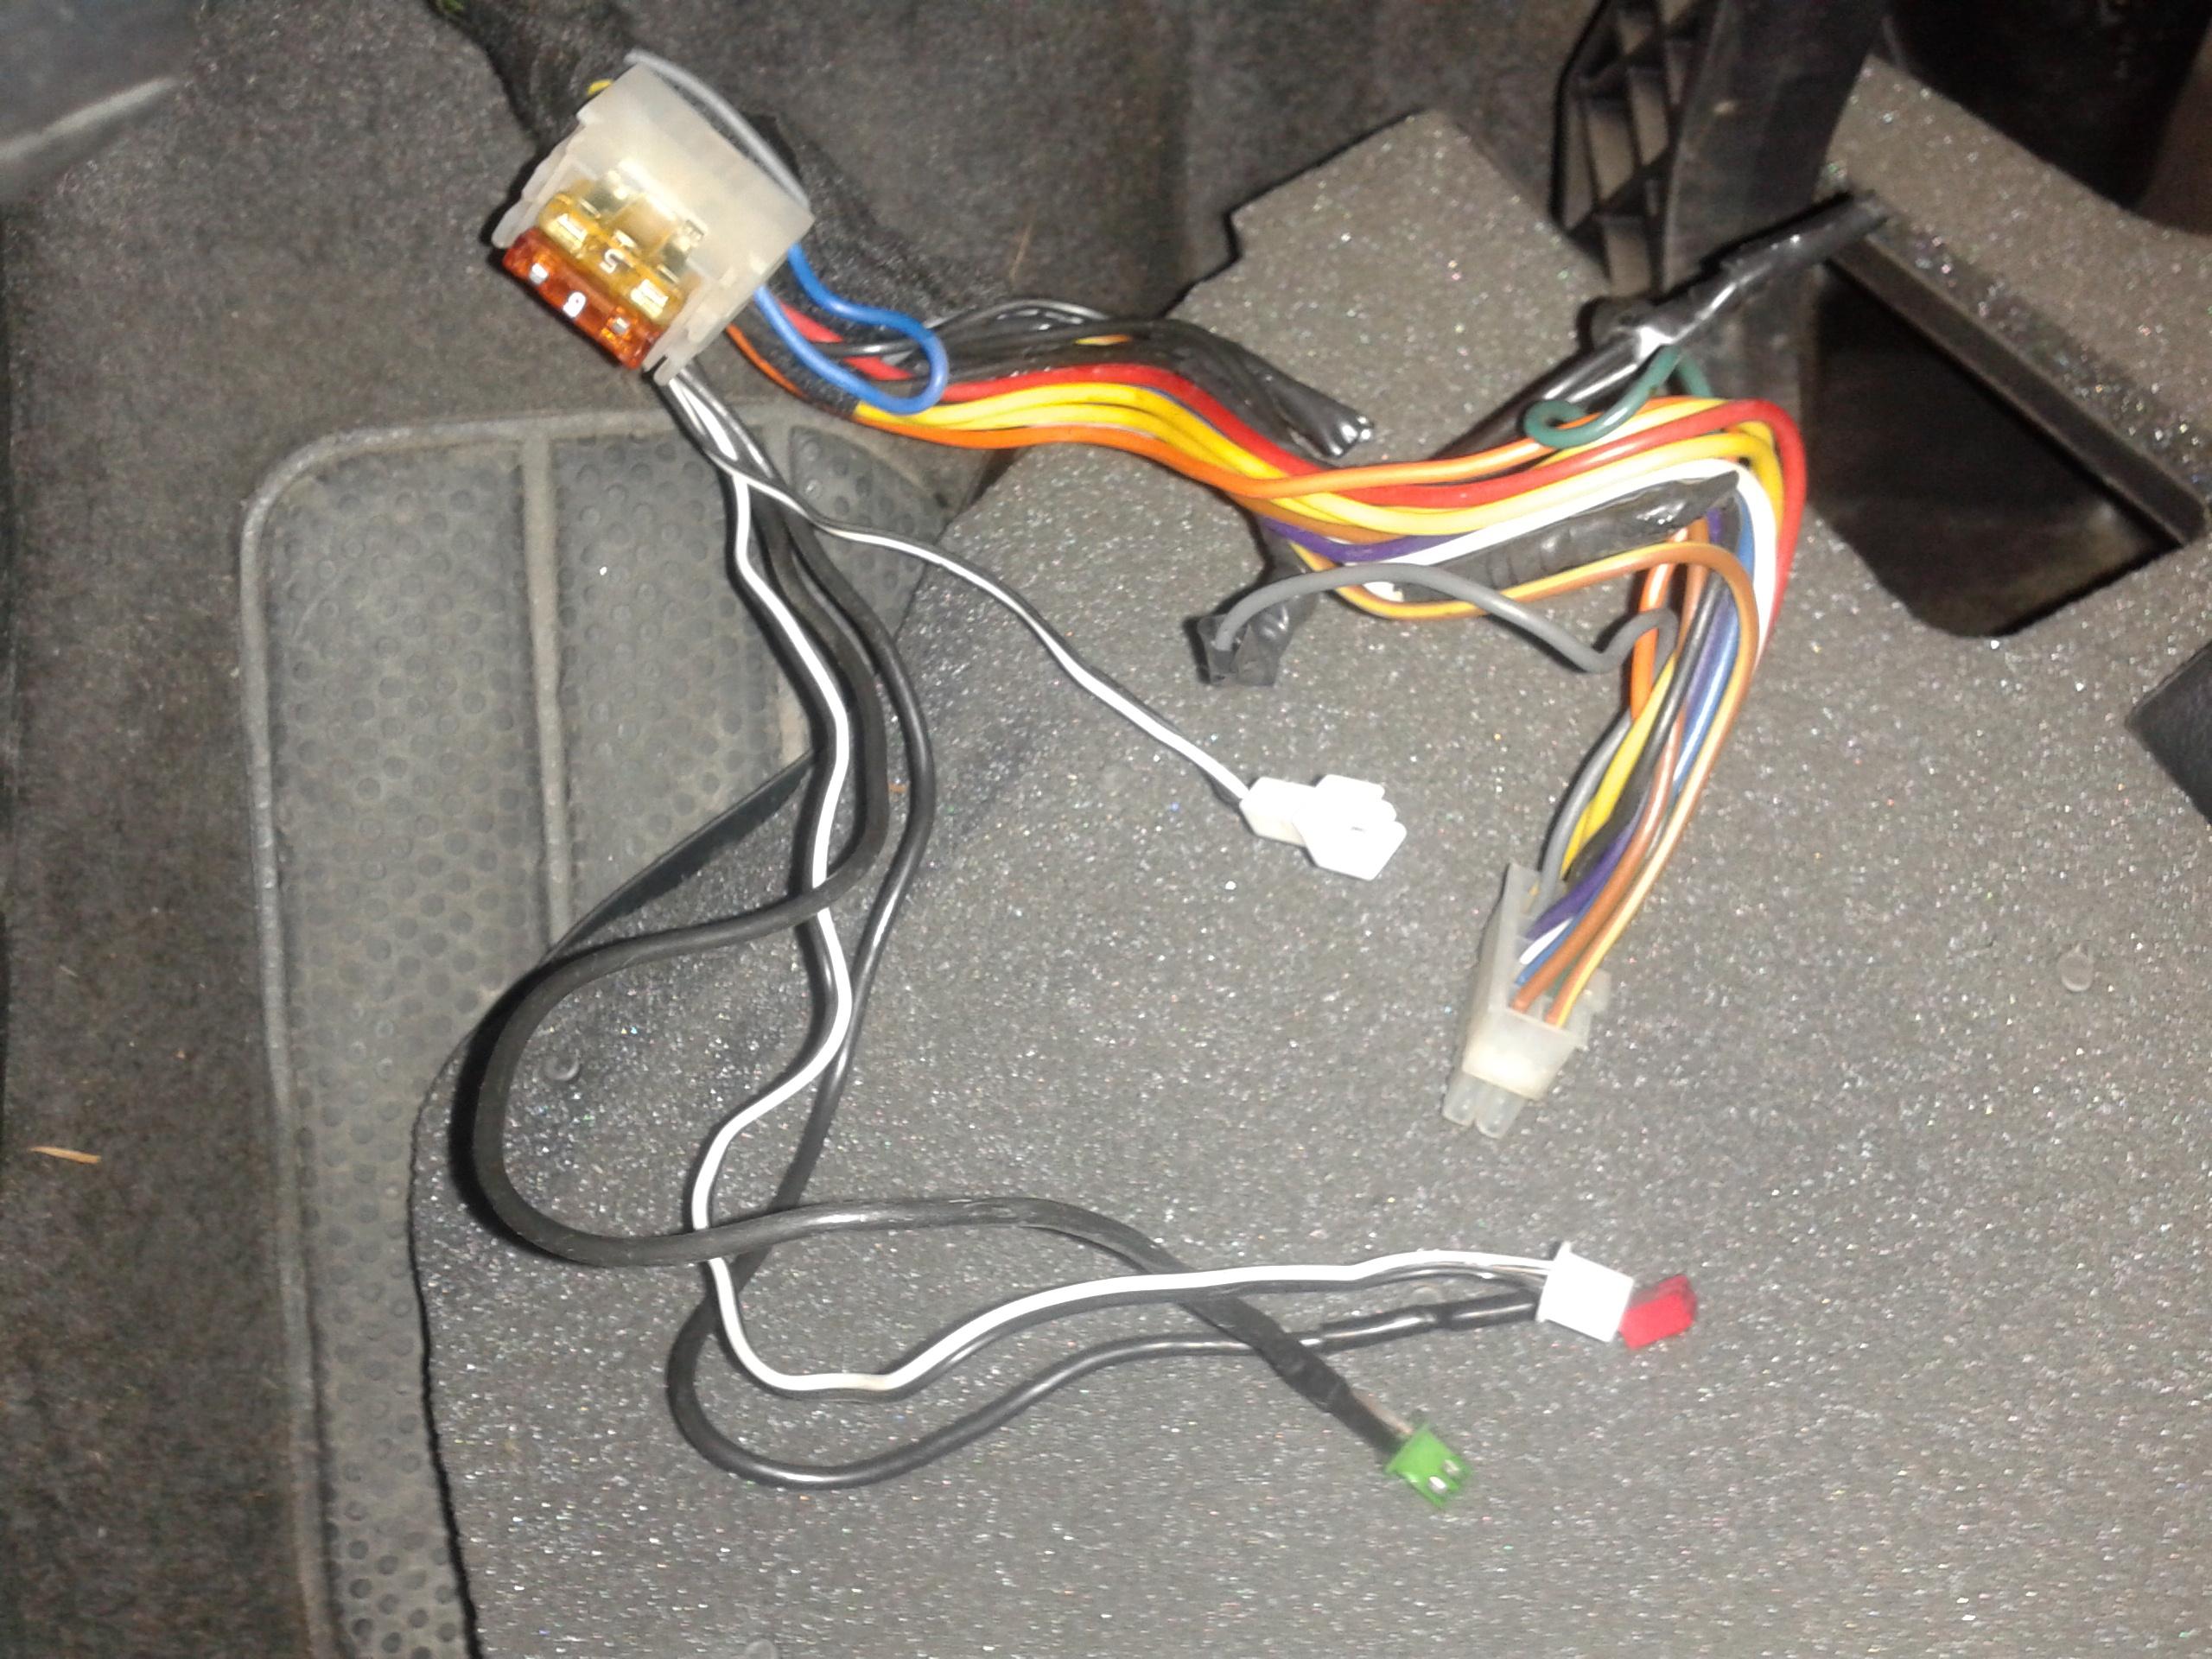 Identyfikacja alarmu samochodowego.